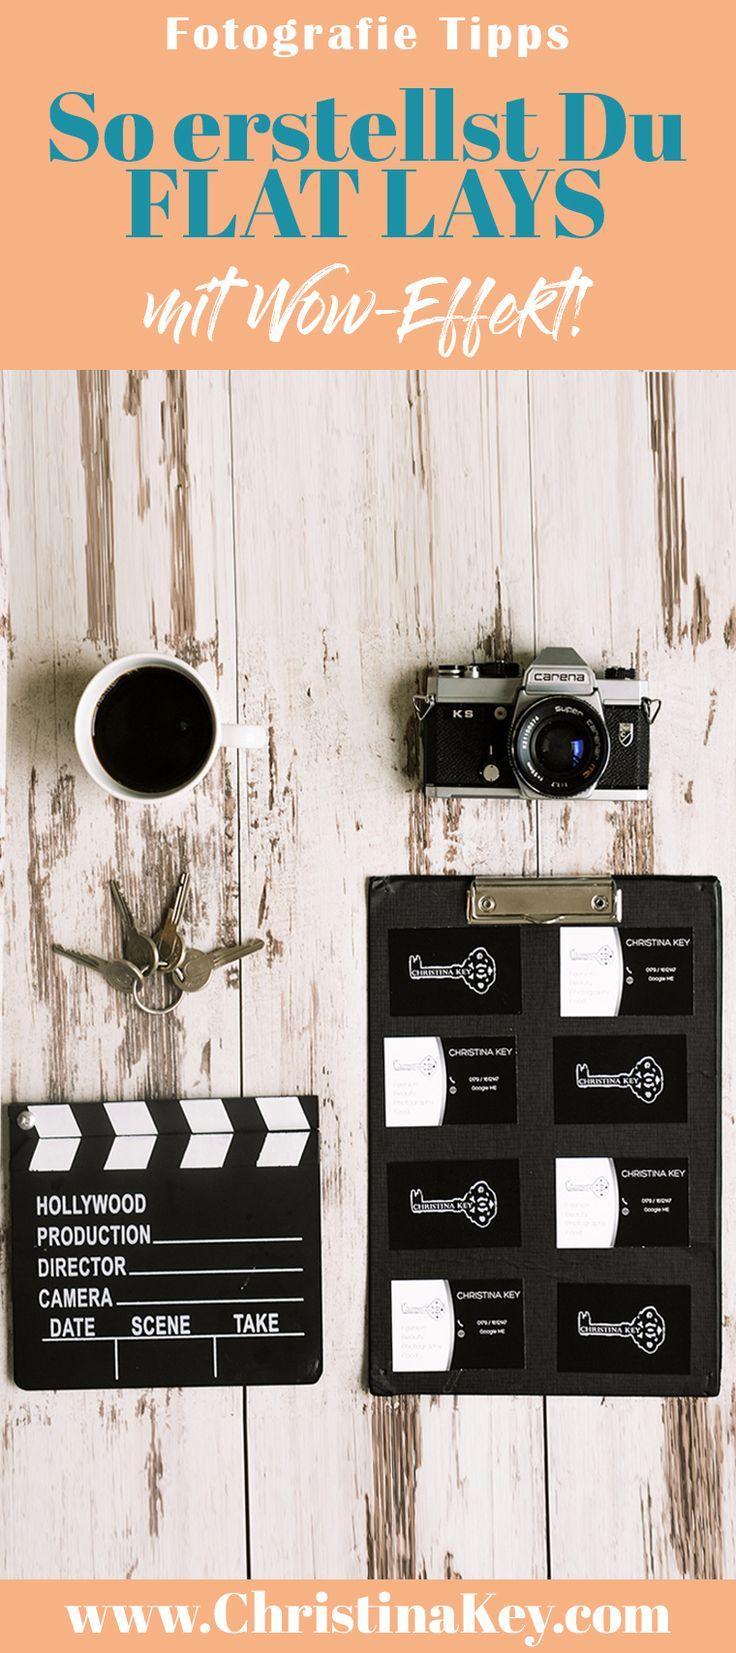 Fotografie Tipps - So erstellst Du Flat Lays mit Wow-Effekt! Entdecke jetzt alle Fotografie Tipps und Tricks auf CHRISTINA KEY - dem Fotografie, Blogger Tipps, Rezepte, Mode und DIY Blog aus Berlin, Deutschland